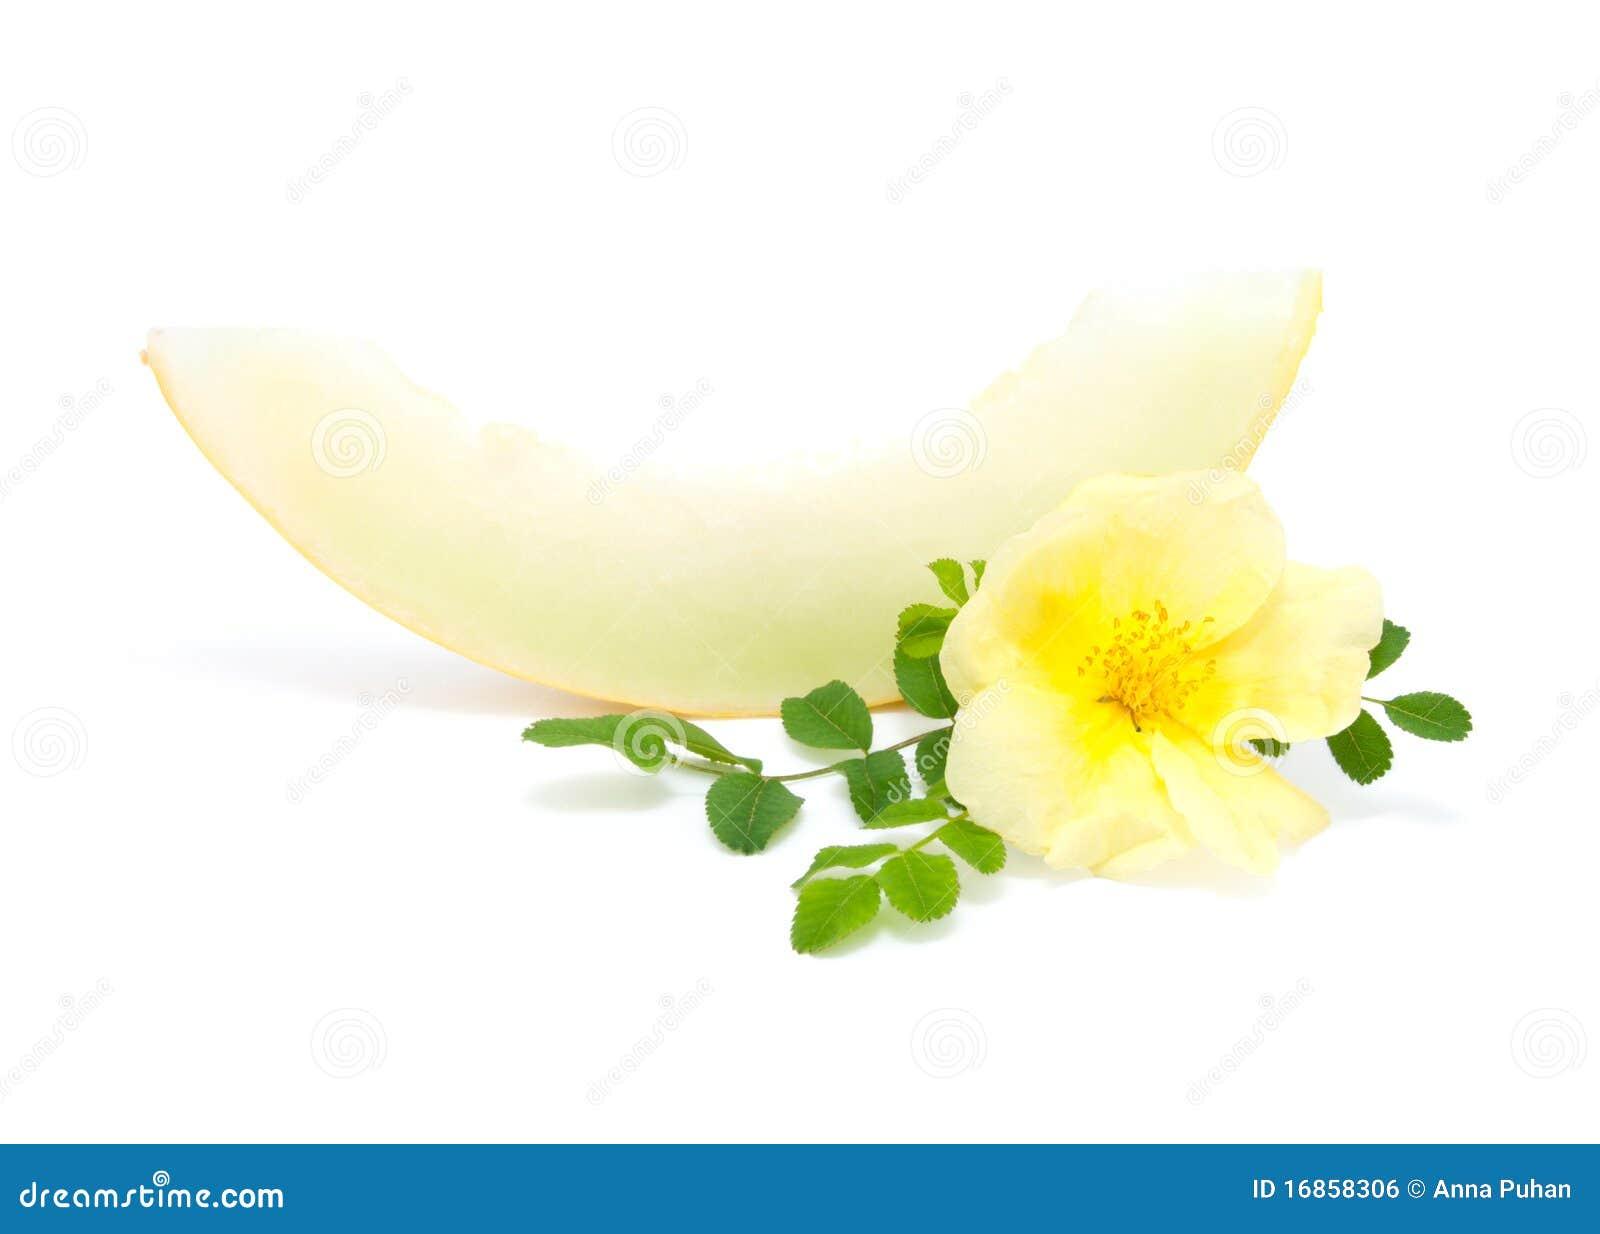 Fatia de melão amarelo